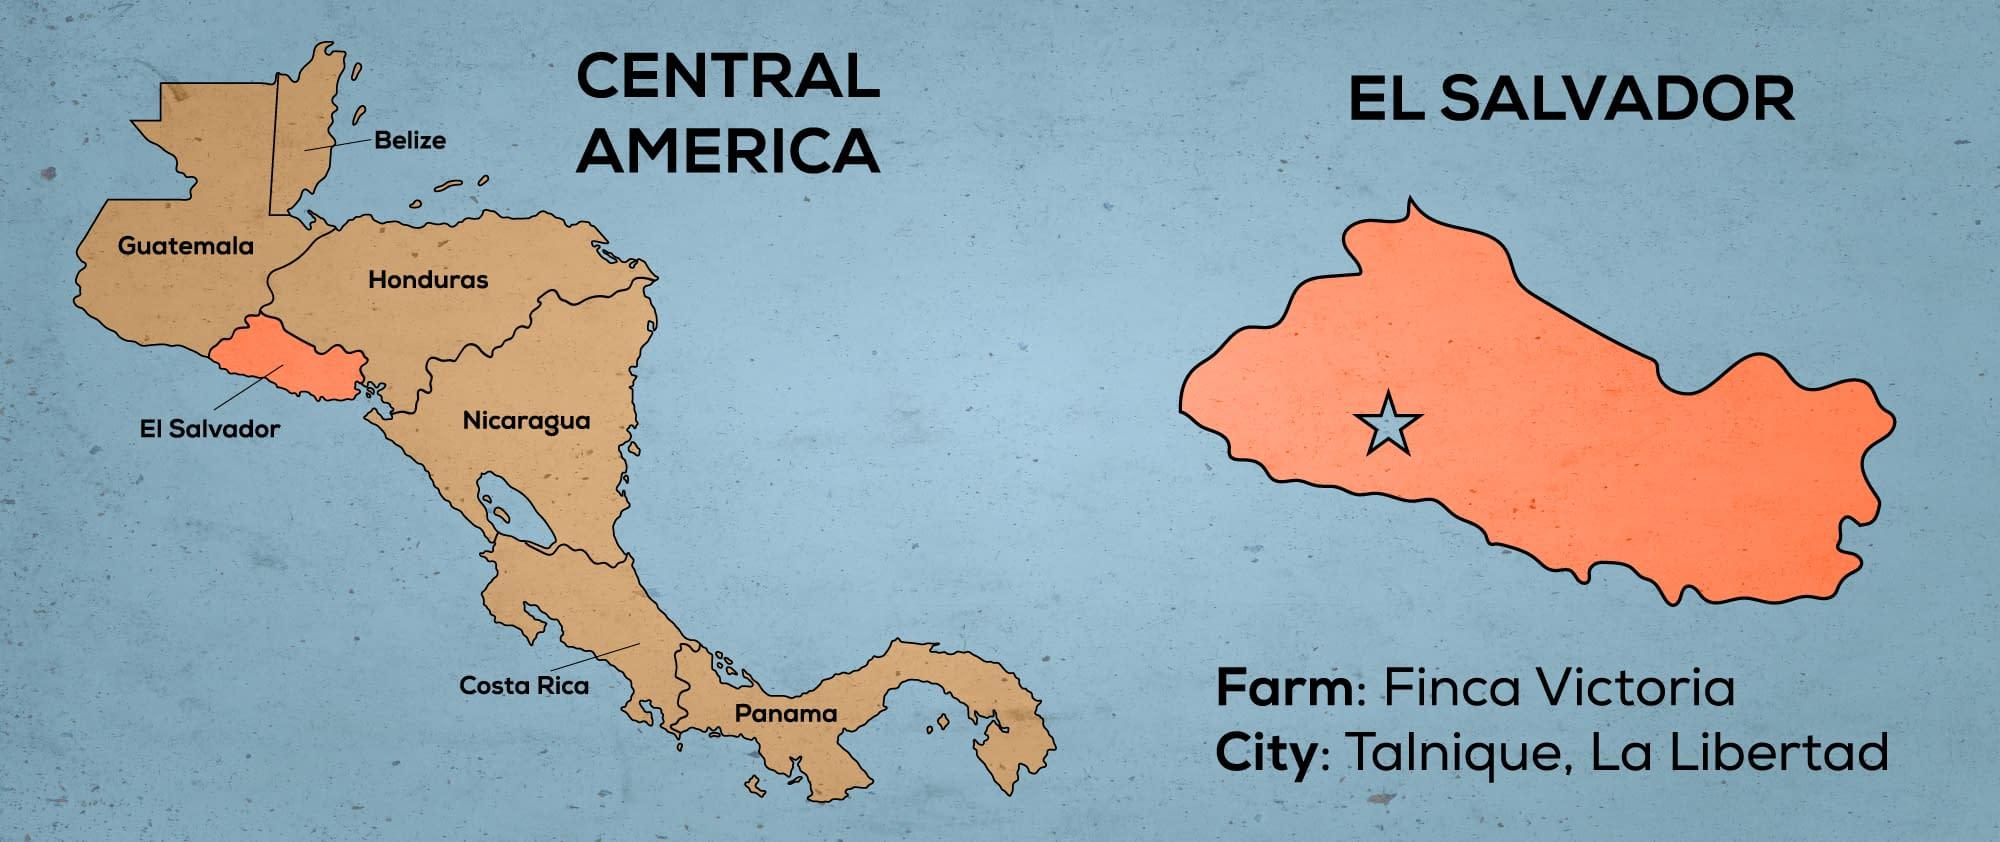 Map of Central America & El Salvador